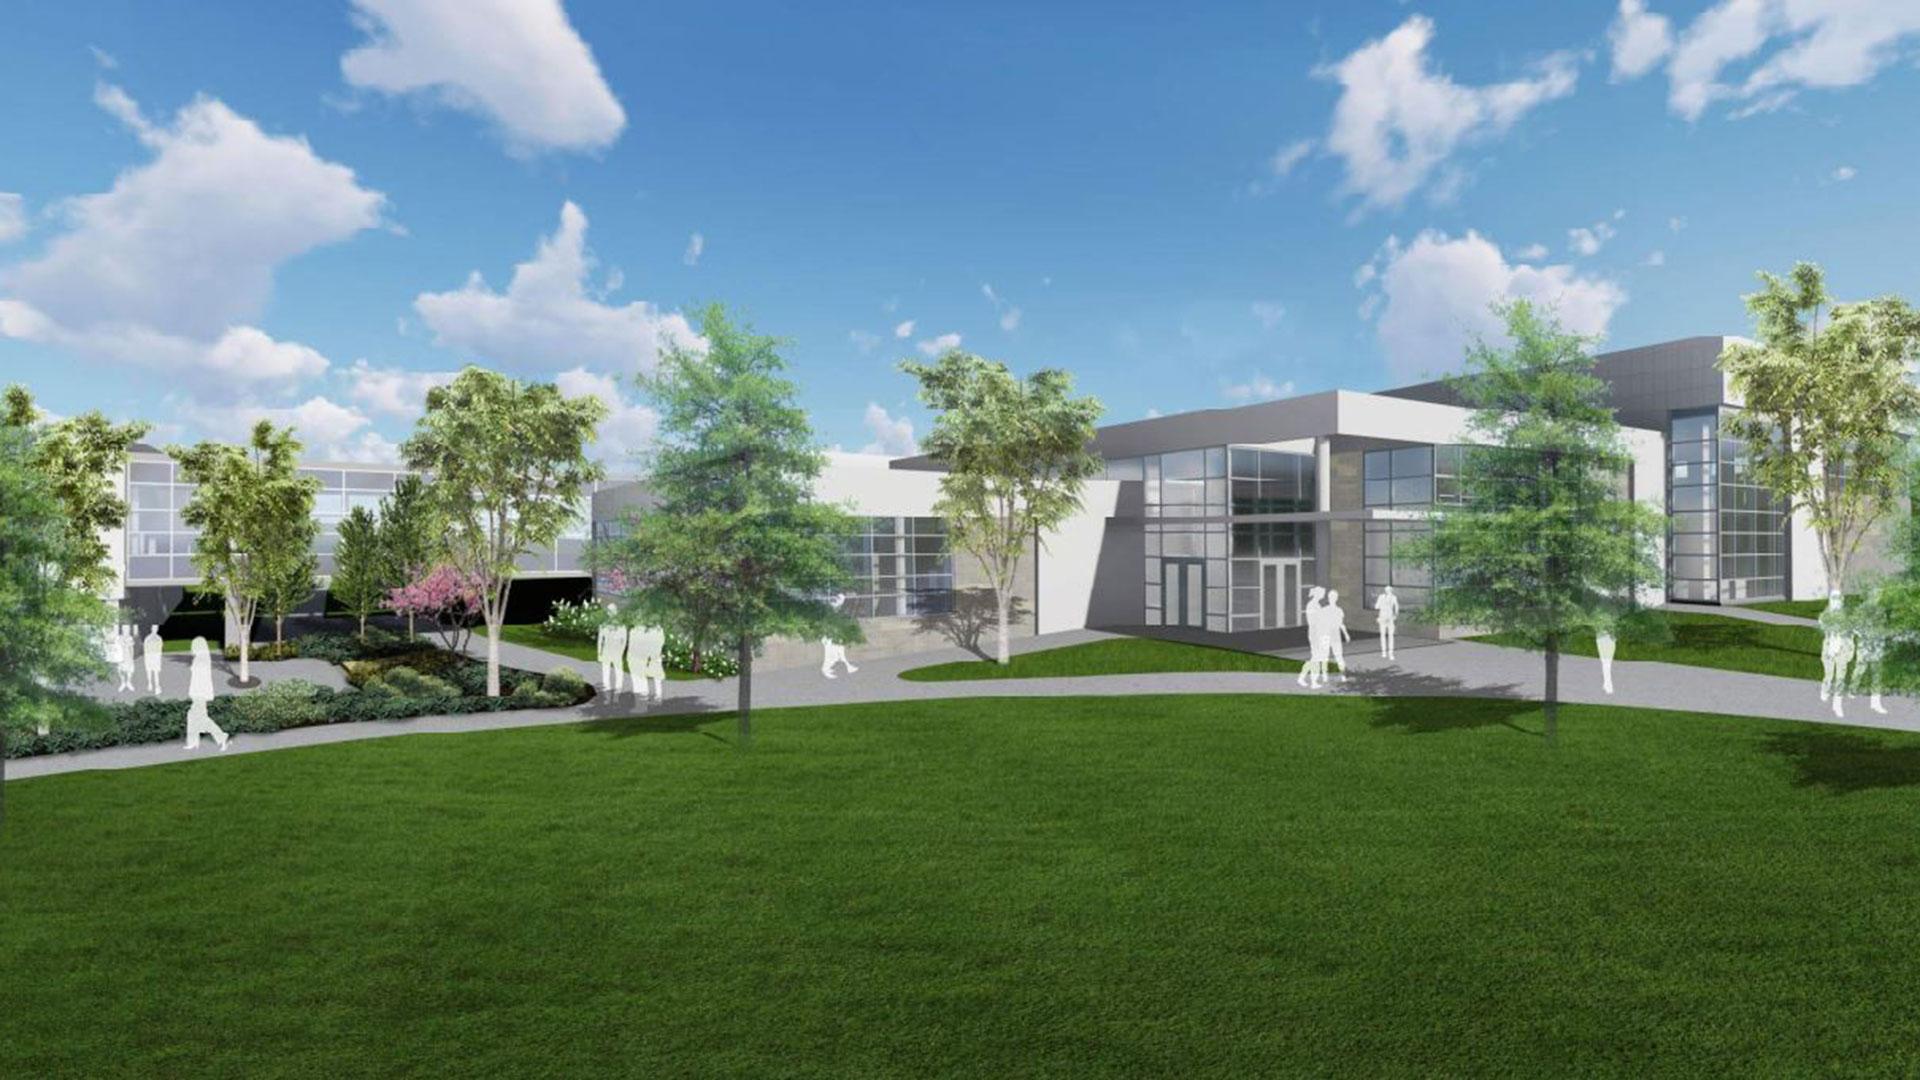 Beaver Community Center at Penn State Berks